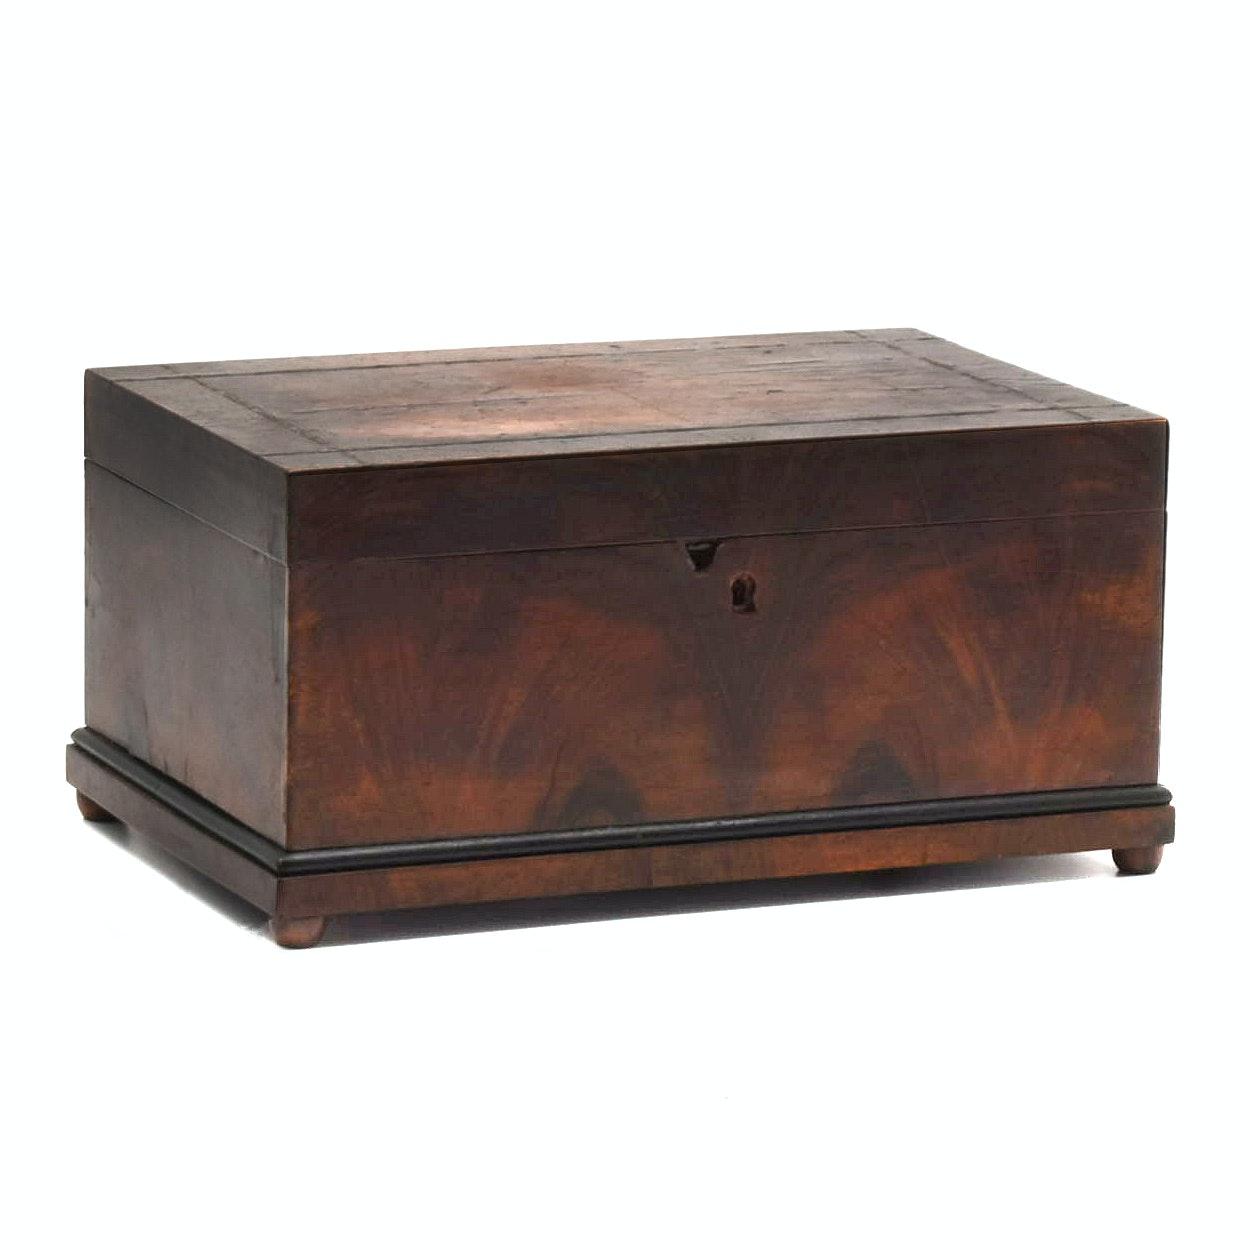 19th Century Mahogany Veneer Jewelry Box With Hidden Drawers